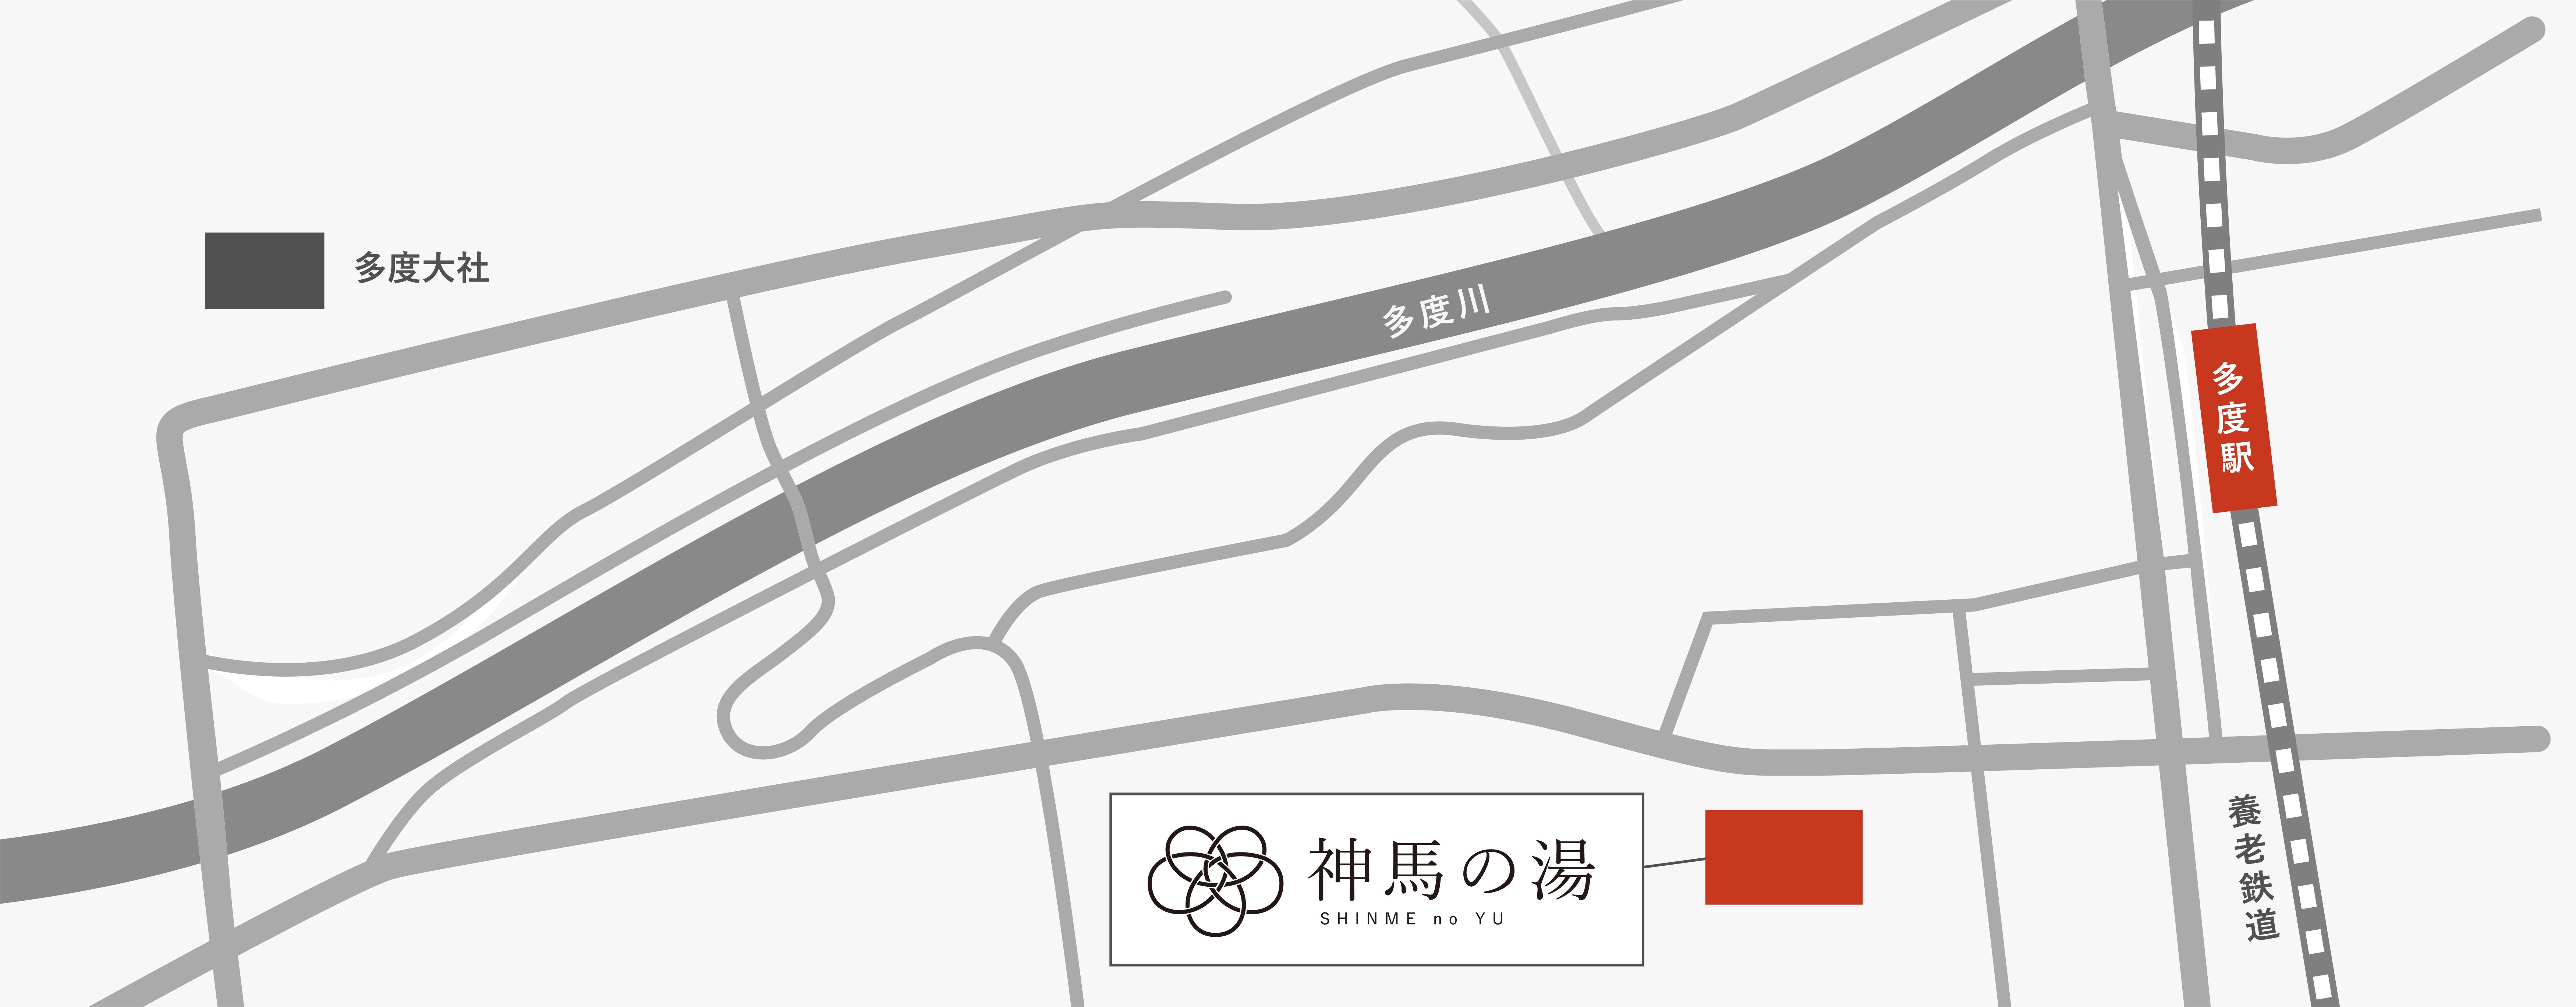 多度駅からの神馬の湯までの地図